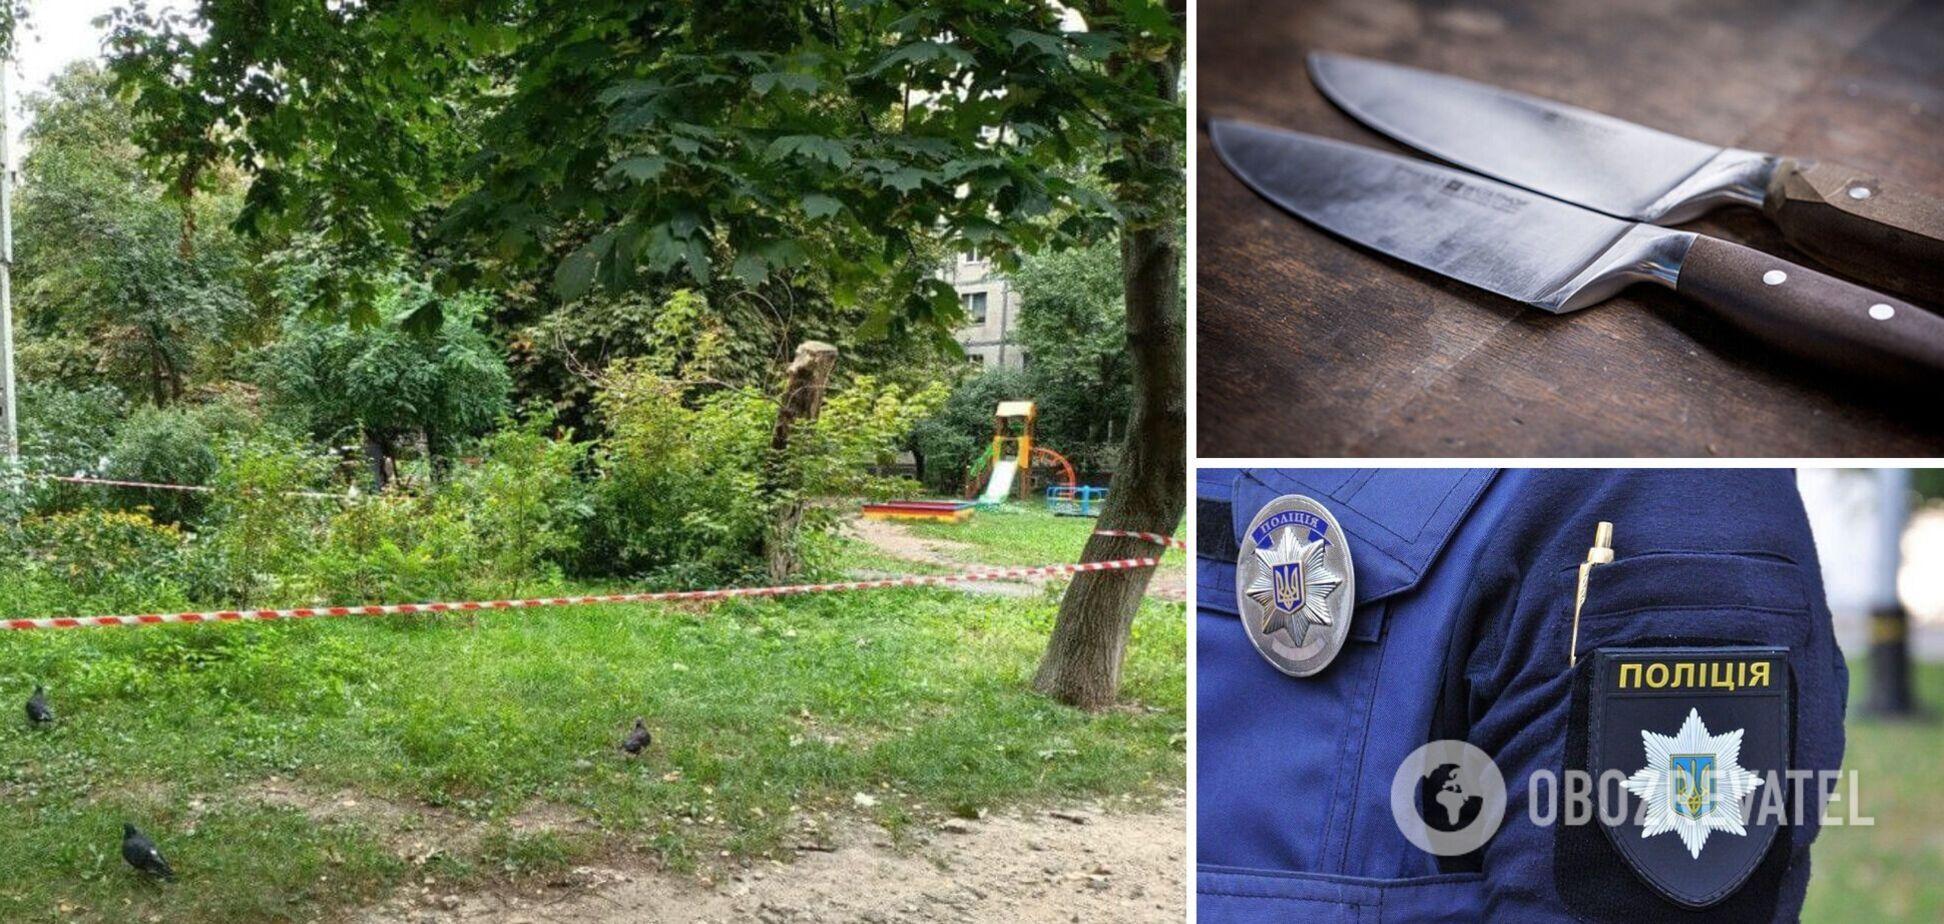 В Киеве пьяный конфликт обернулся убийством: женщине нанесли смертельное ранение на детской площадке. Фото